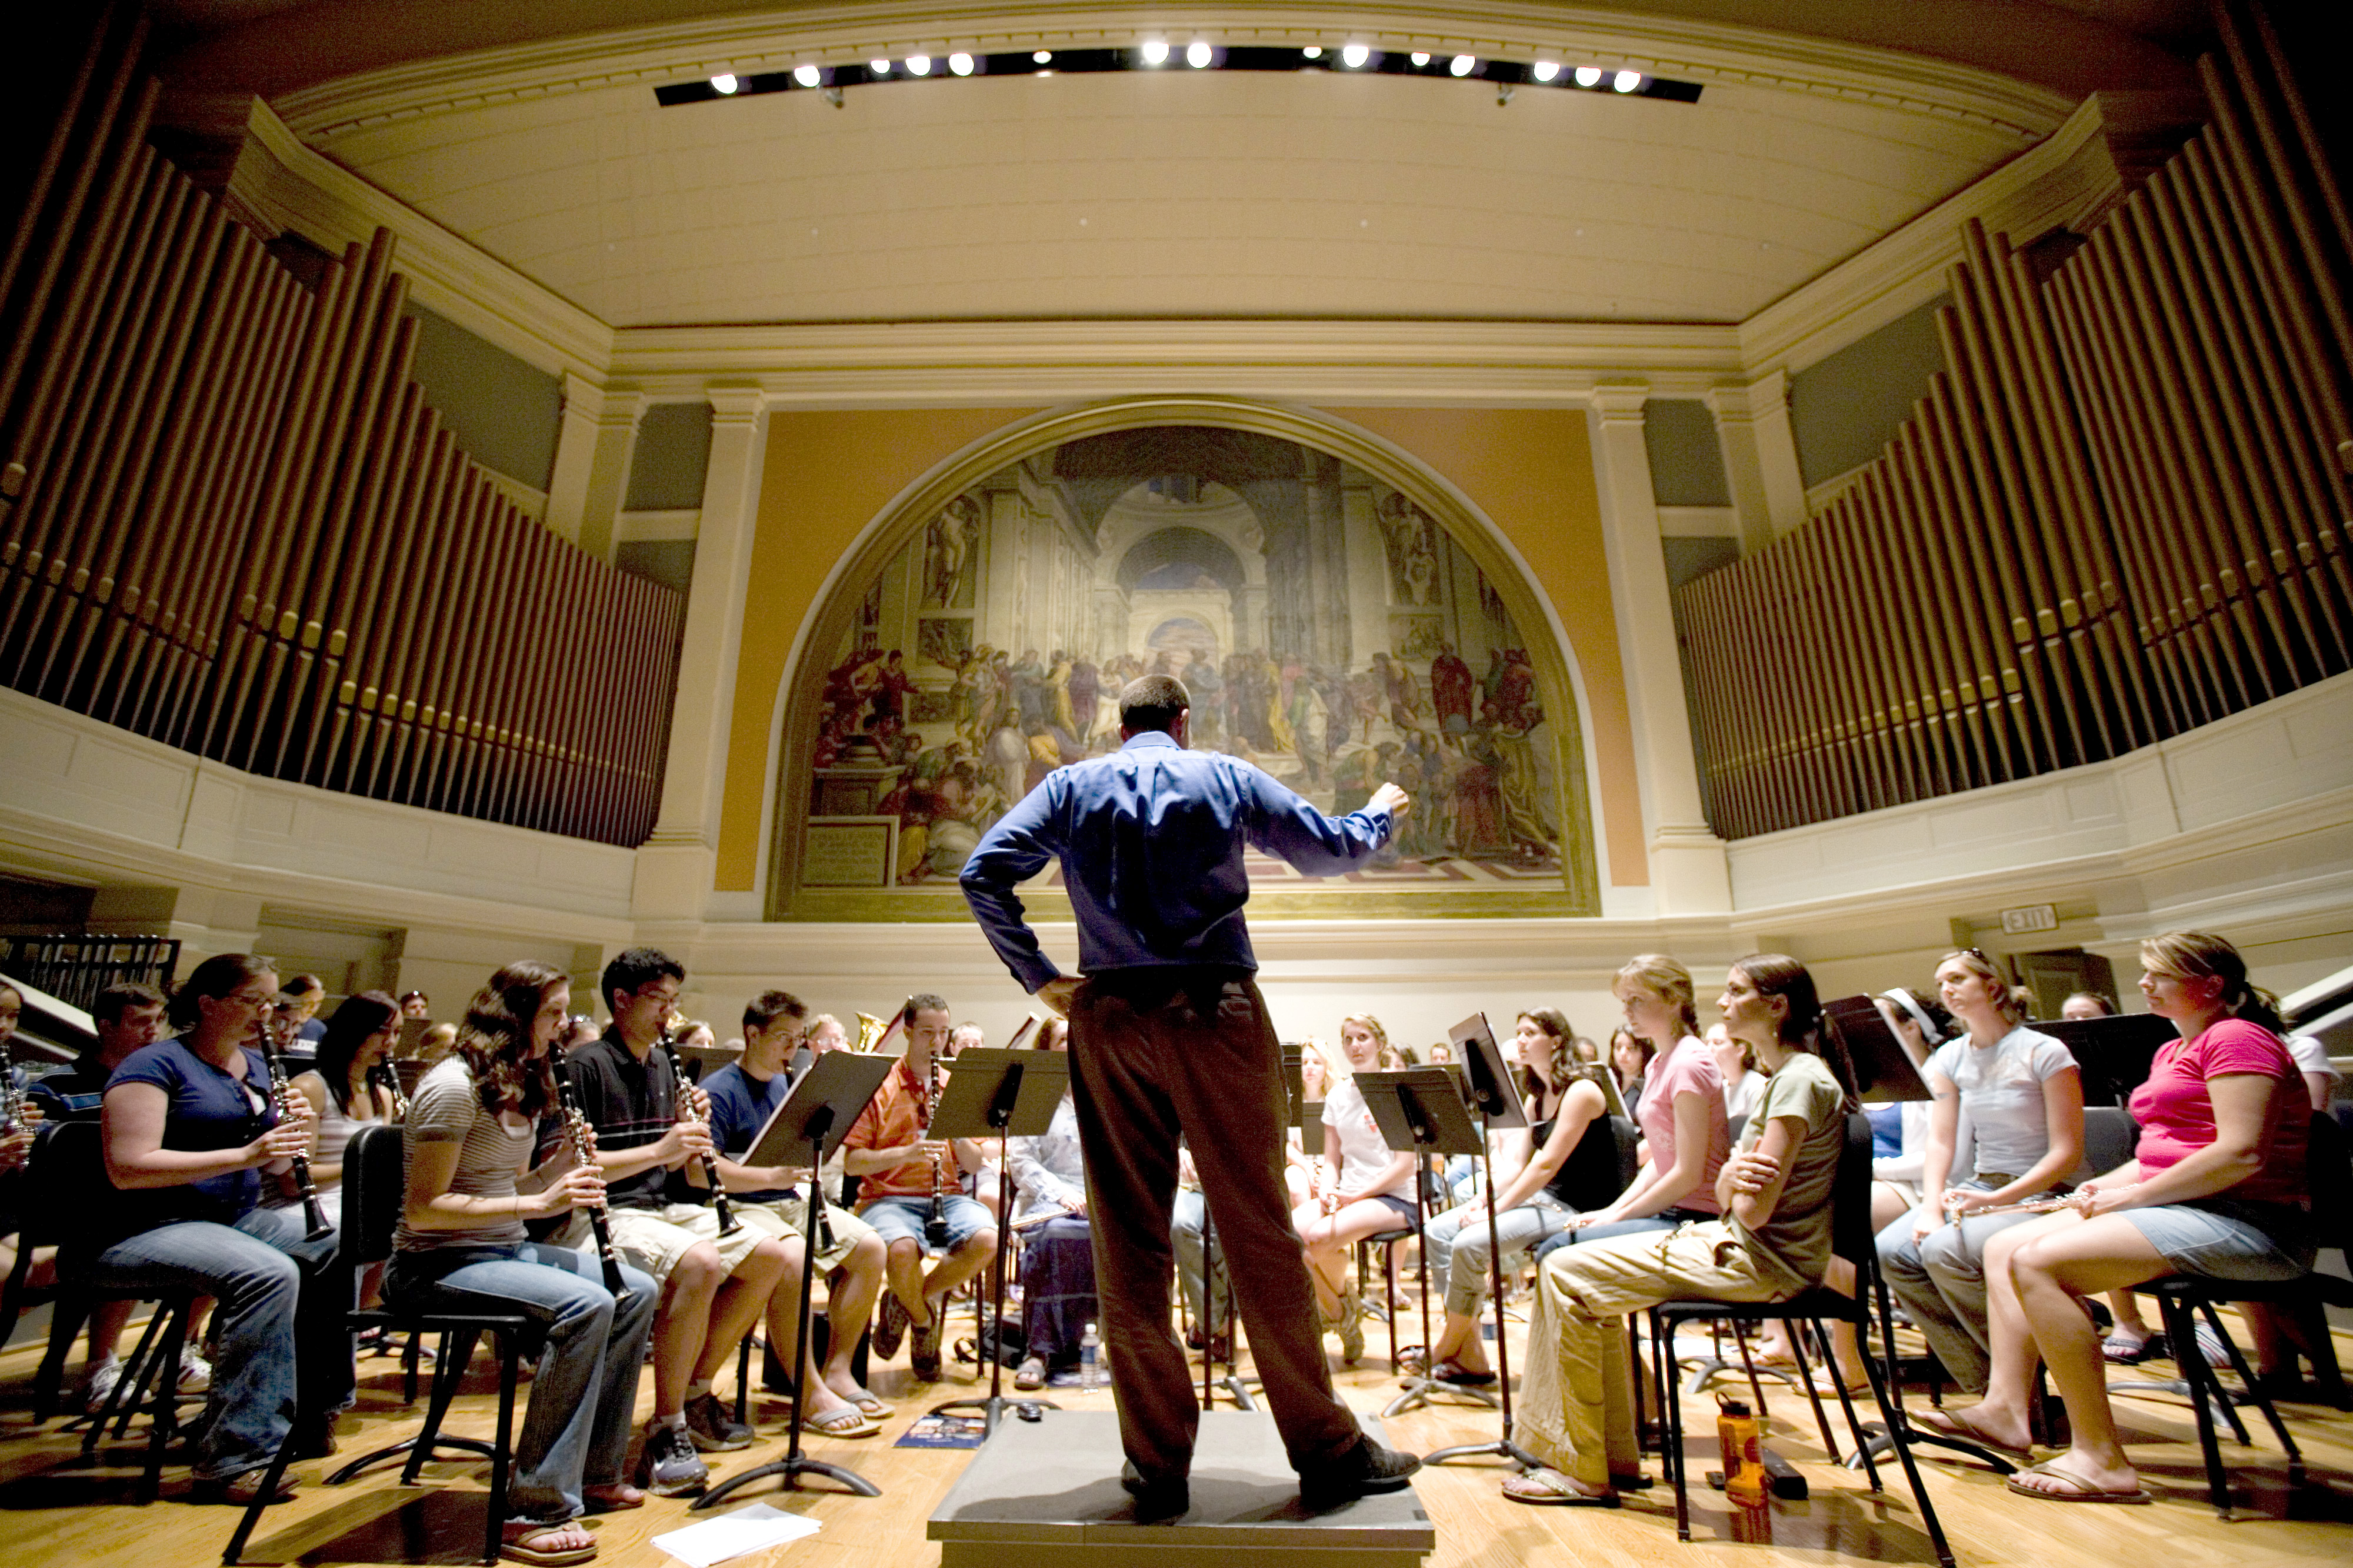 Orchestra Auditorium